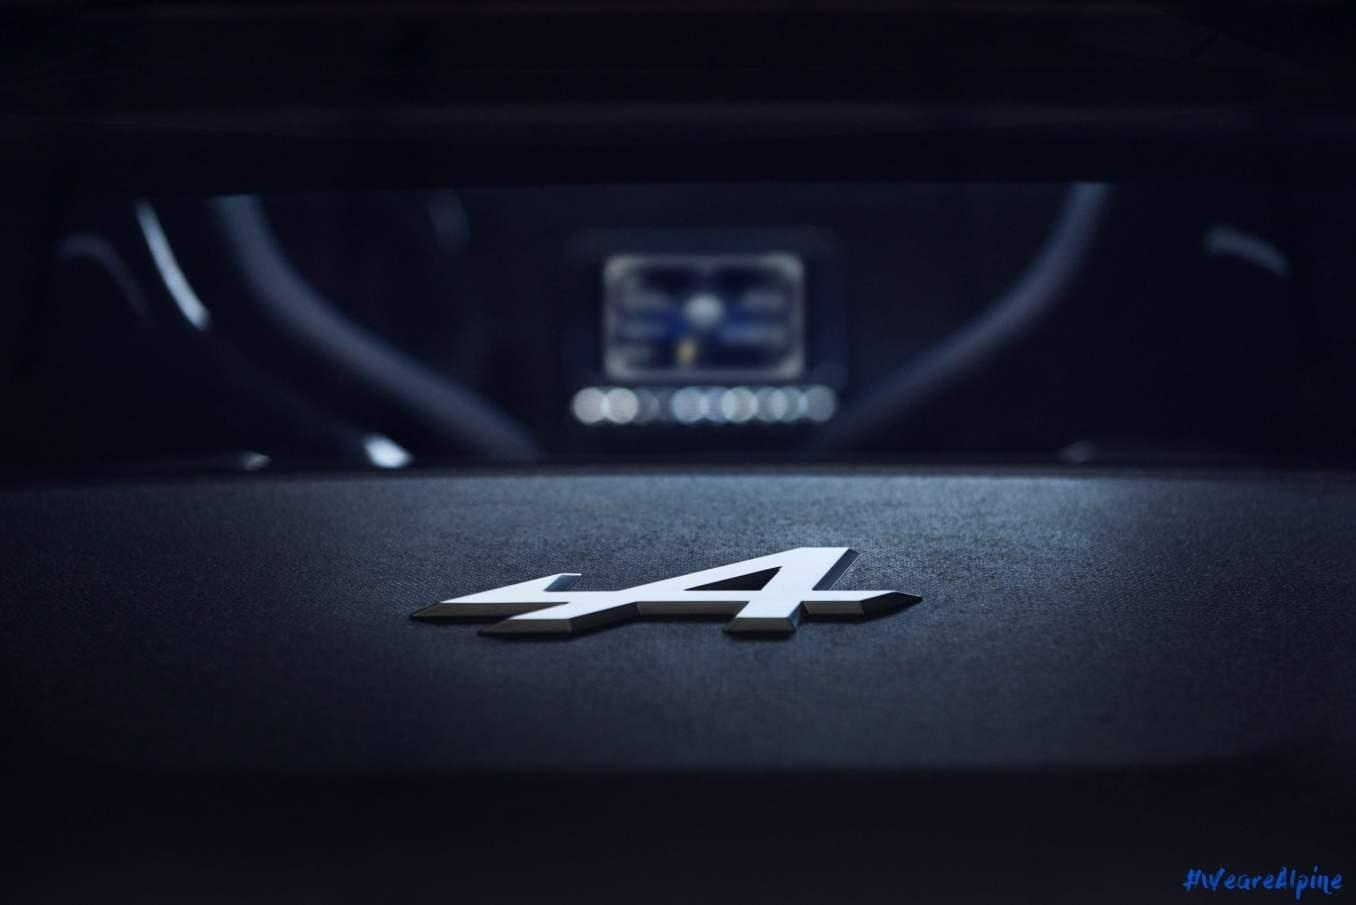 Genève 2017 Alpine A110 Premiere edition officielle 27 imp scaled | Salon de Genève 2017, toutes les informations officielles de l'Alpine A110 !